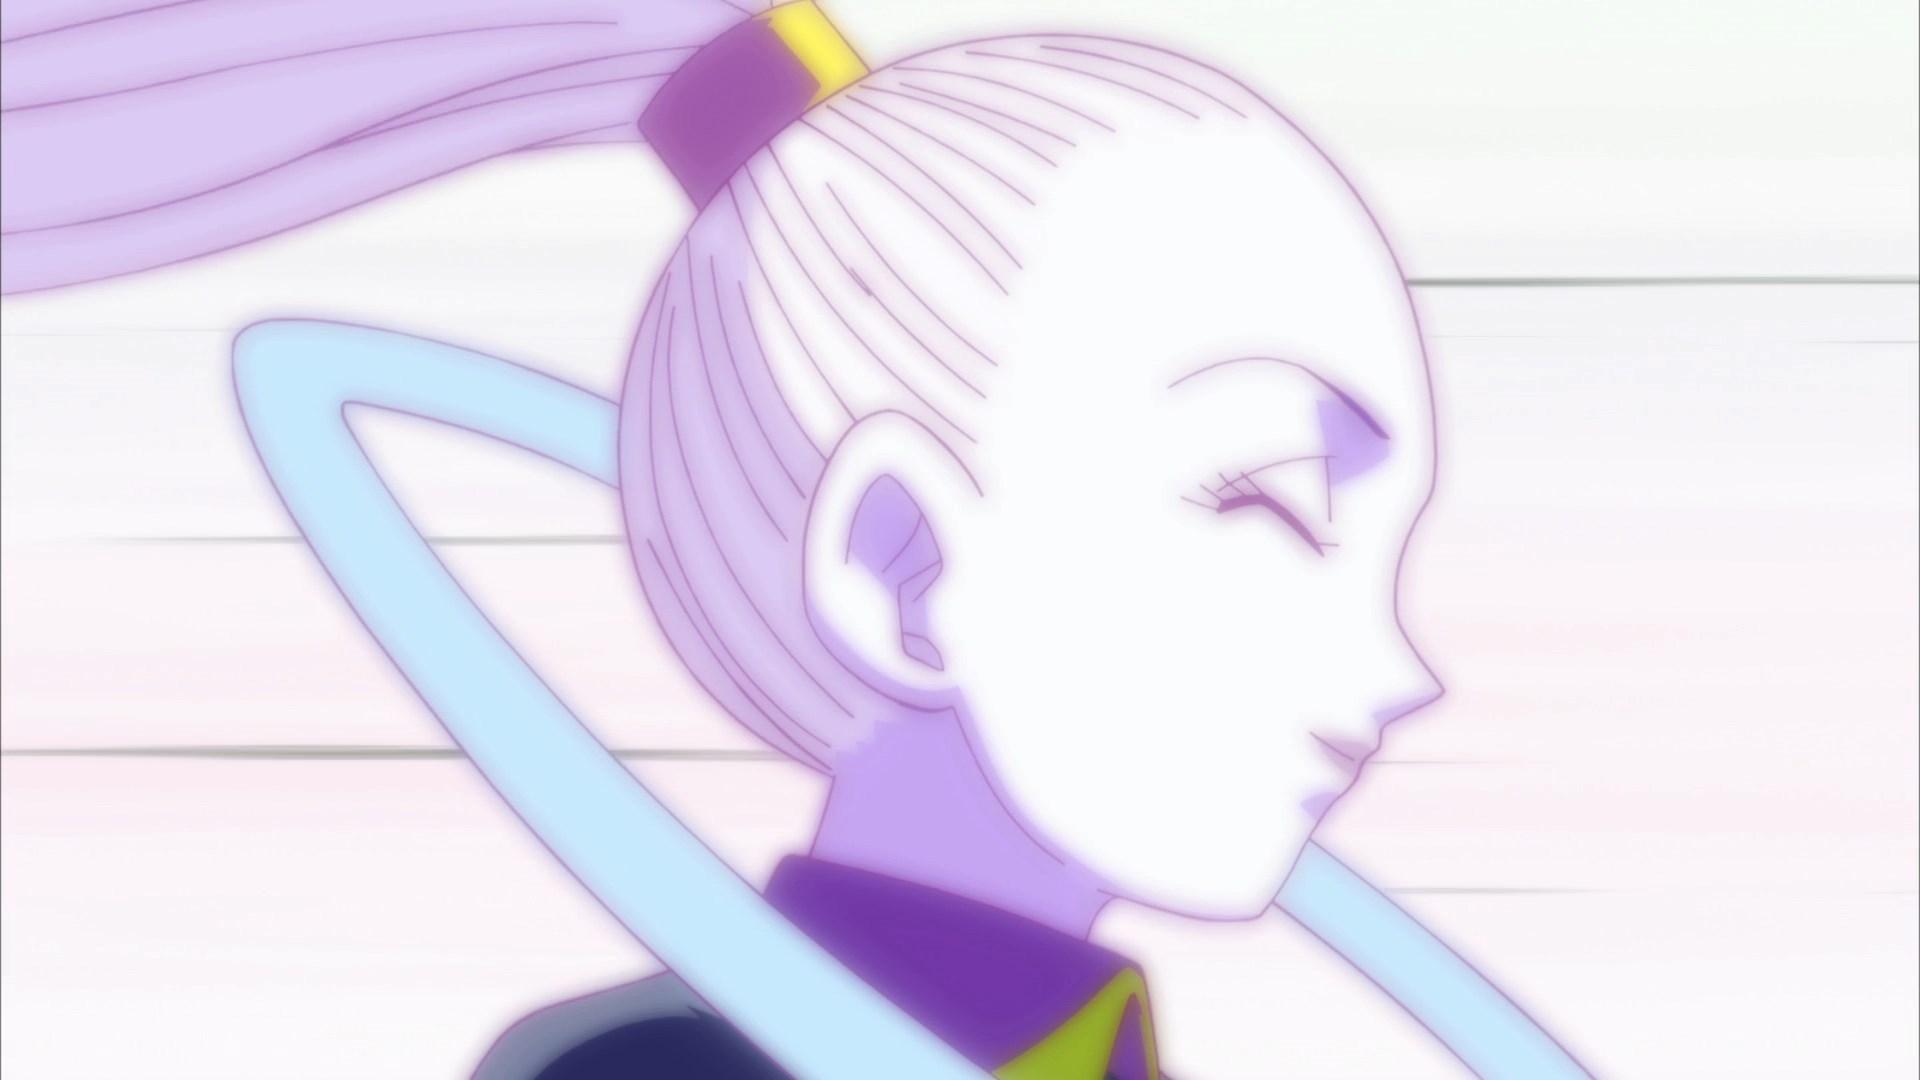 [DS] Dragon Ball Super 070 [1080p].mkv_snapshot_21.48_[2016.12.11_03.59.57]